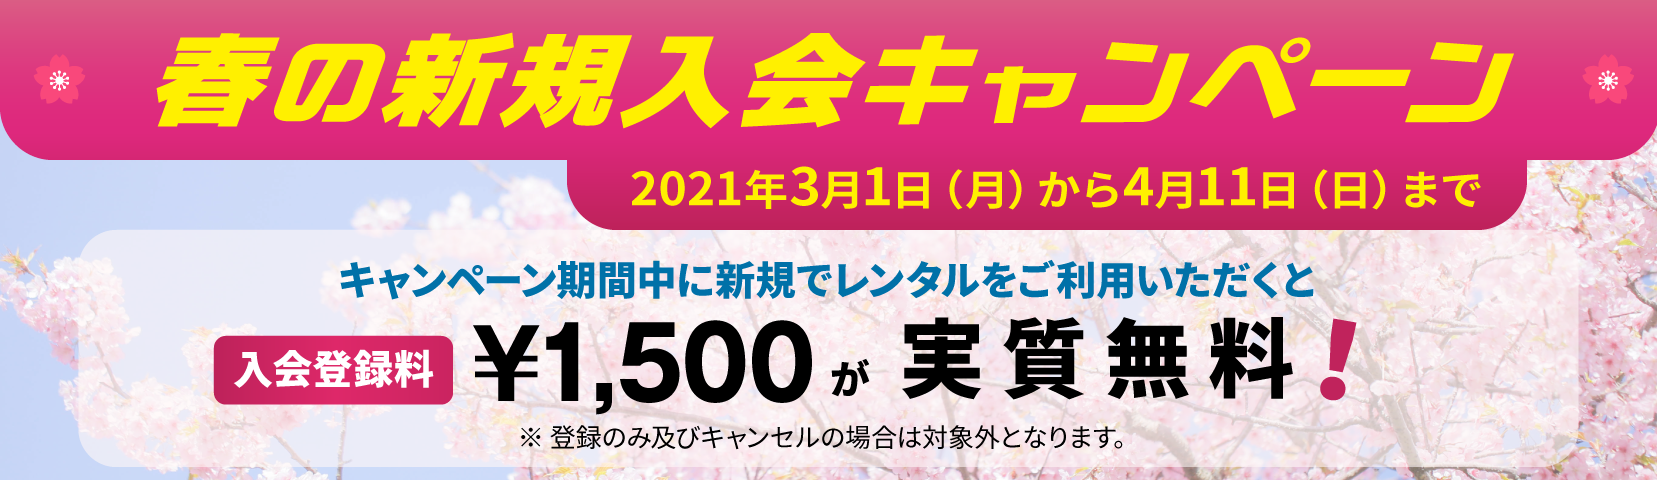 入会登録料キッシュバックキャンペーン